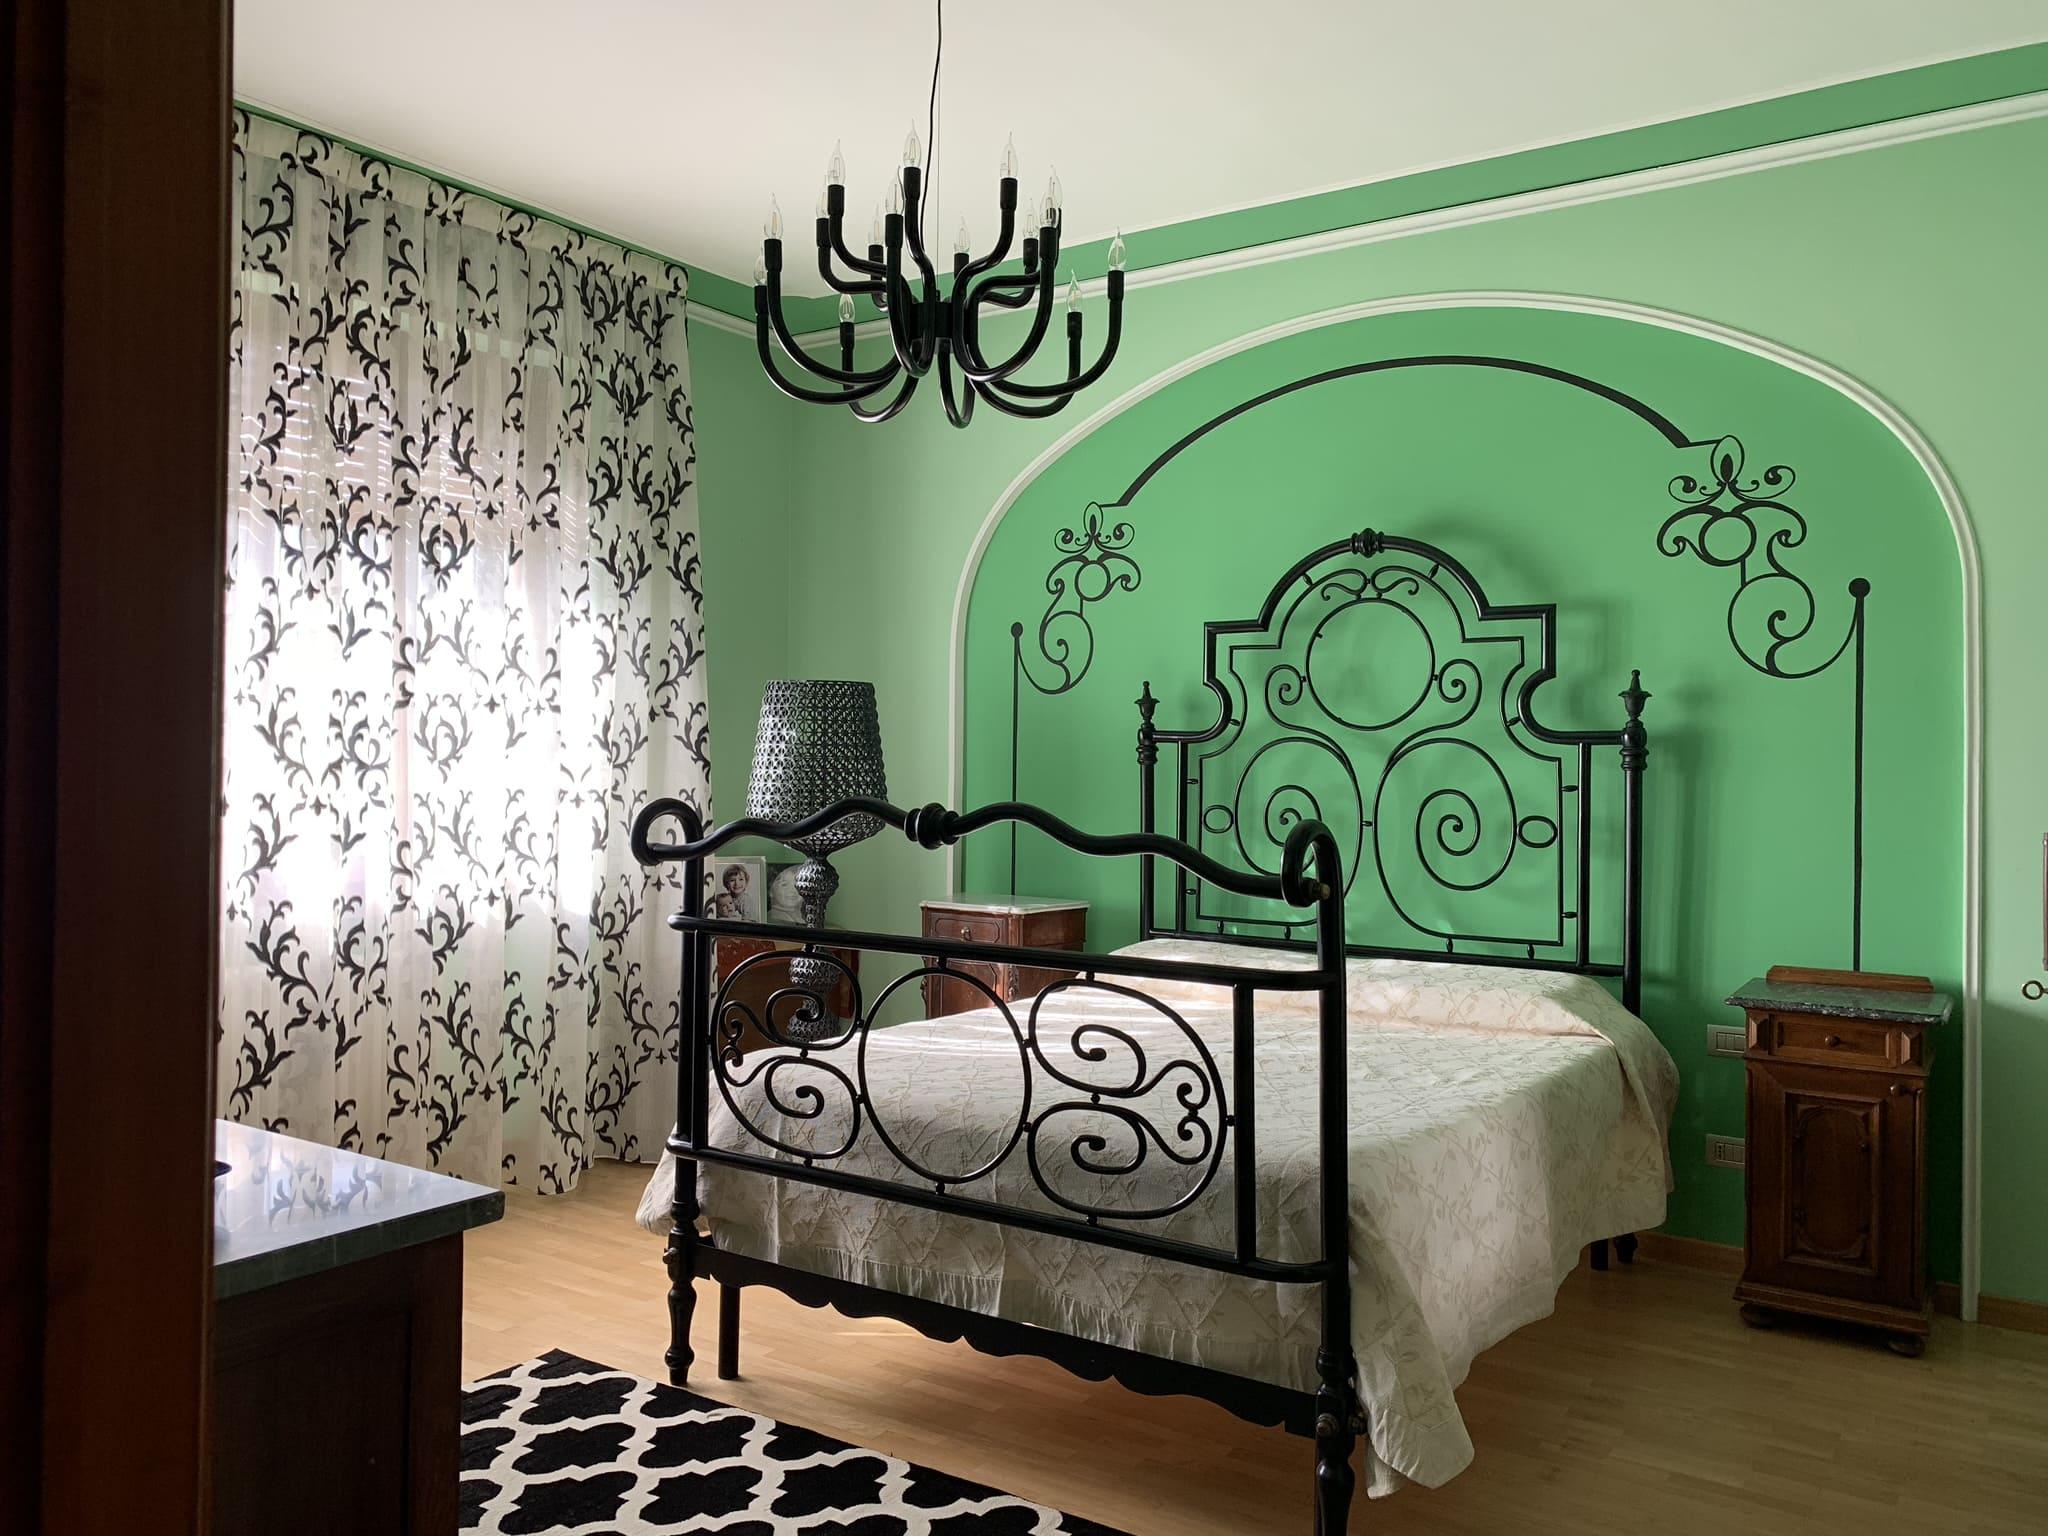 Buy bianche parete starlight colore caldo astrazione semplice tela pittura pitture murali di arte per camera da letto decorazione domestica, decorazione. Decorazioni Pittoriche Su Pareti Pitture Murali Artistiche